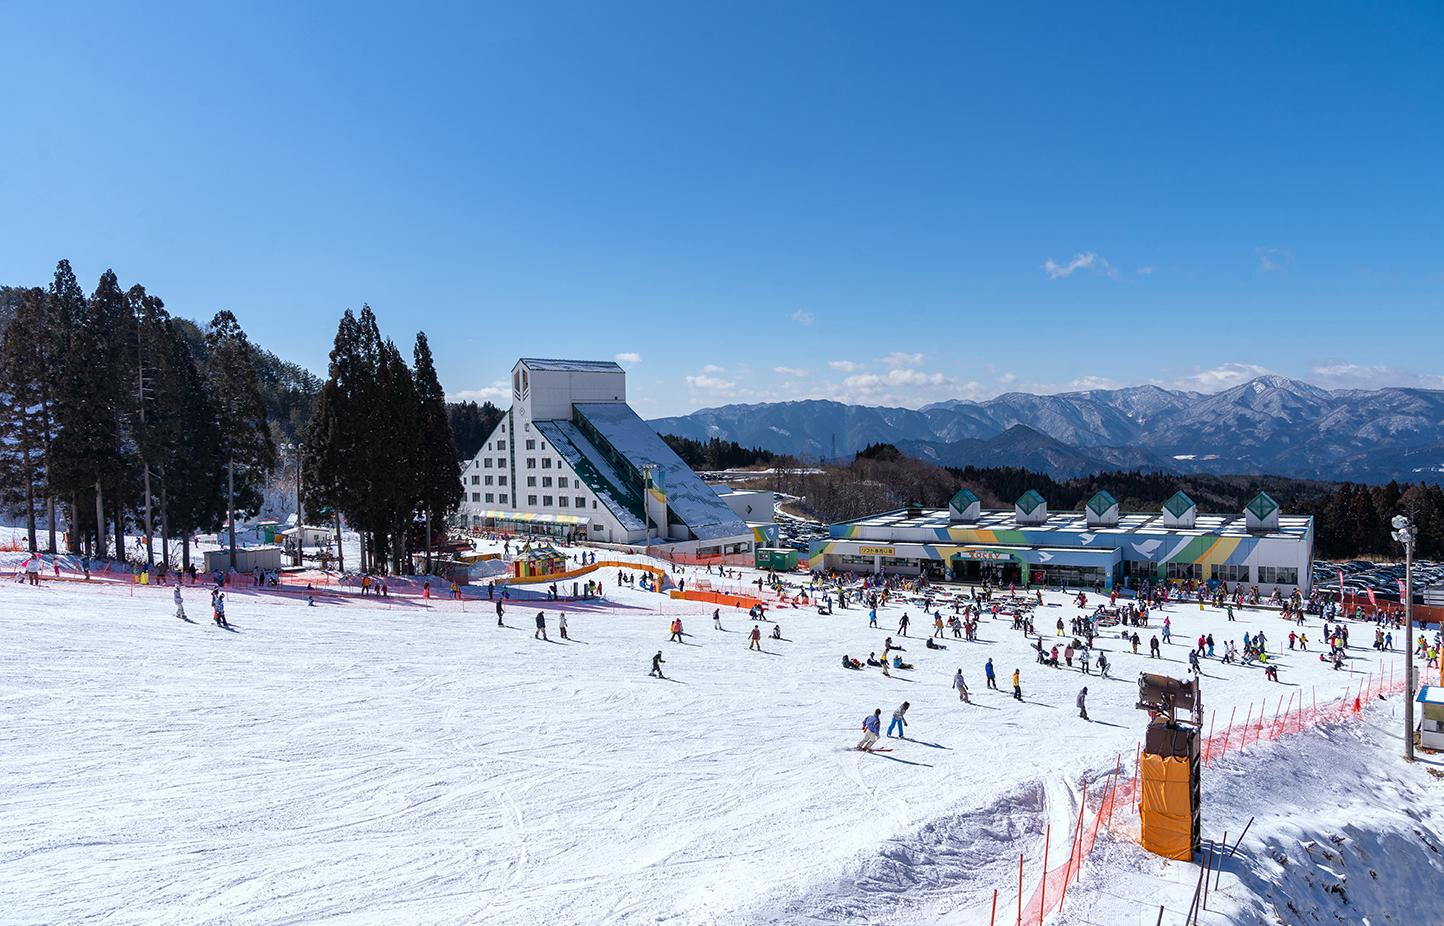 鷲ヶ岳スキー場 スライダー画像1